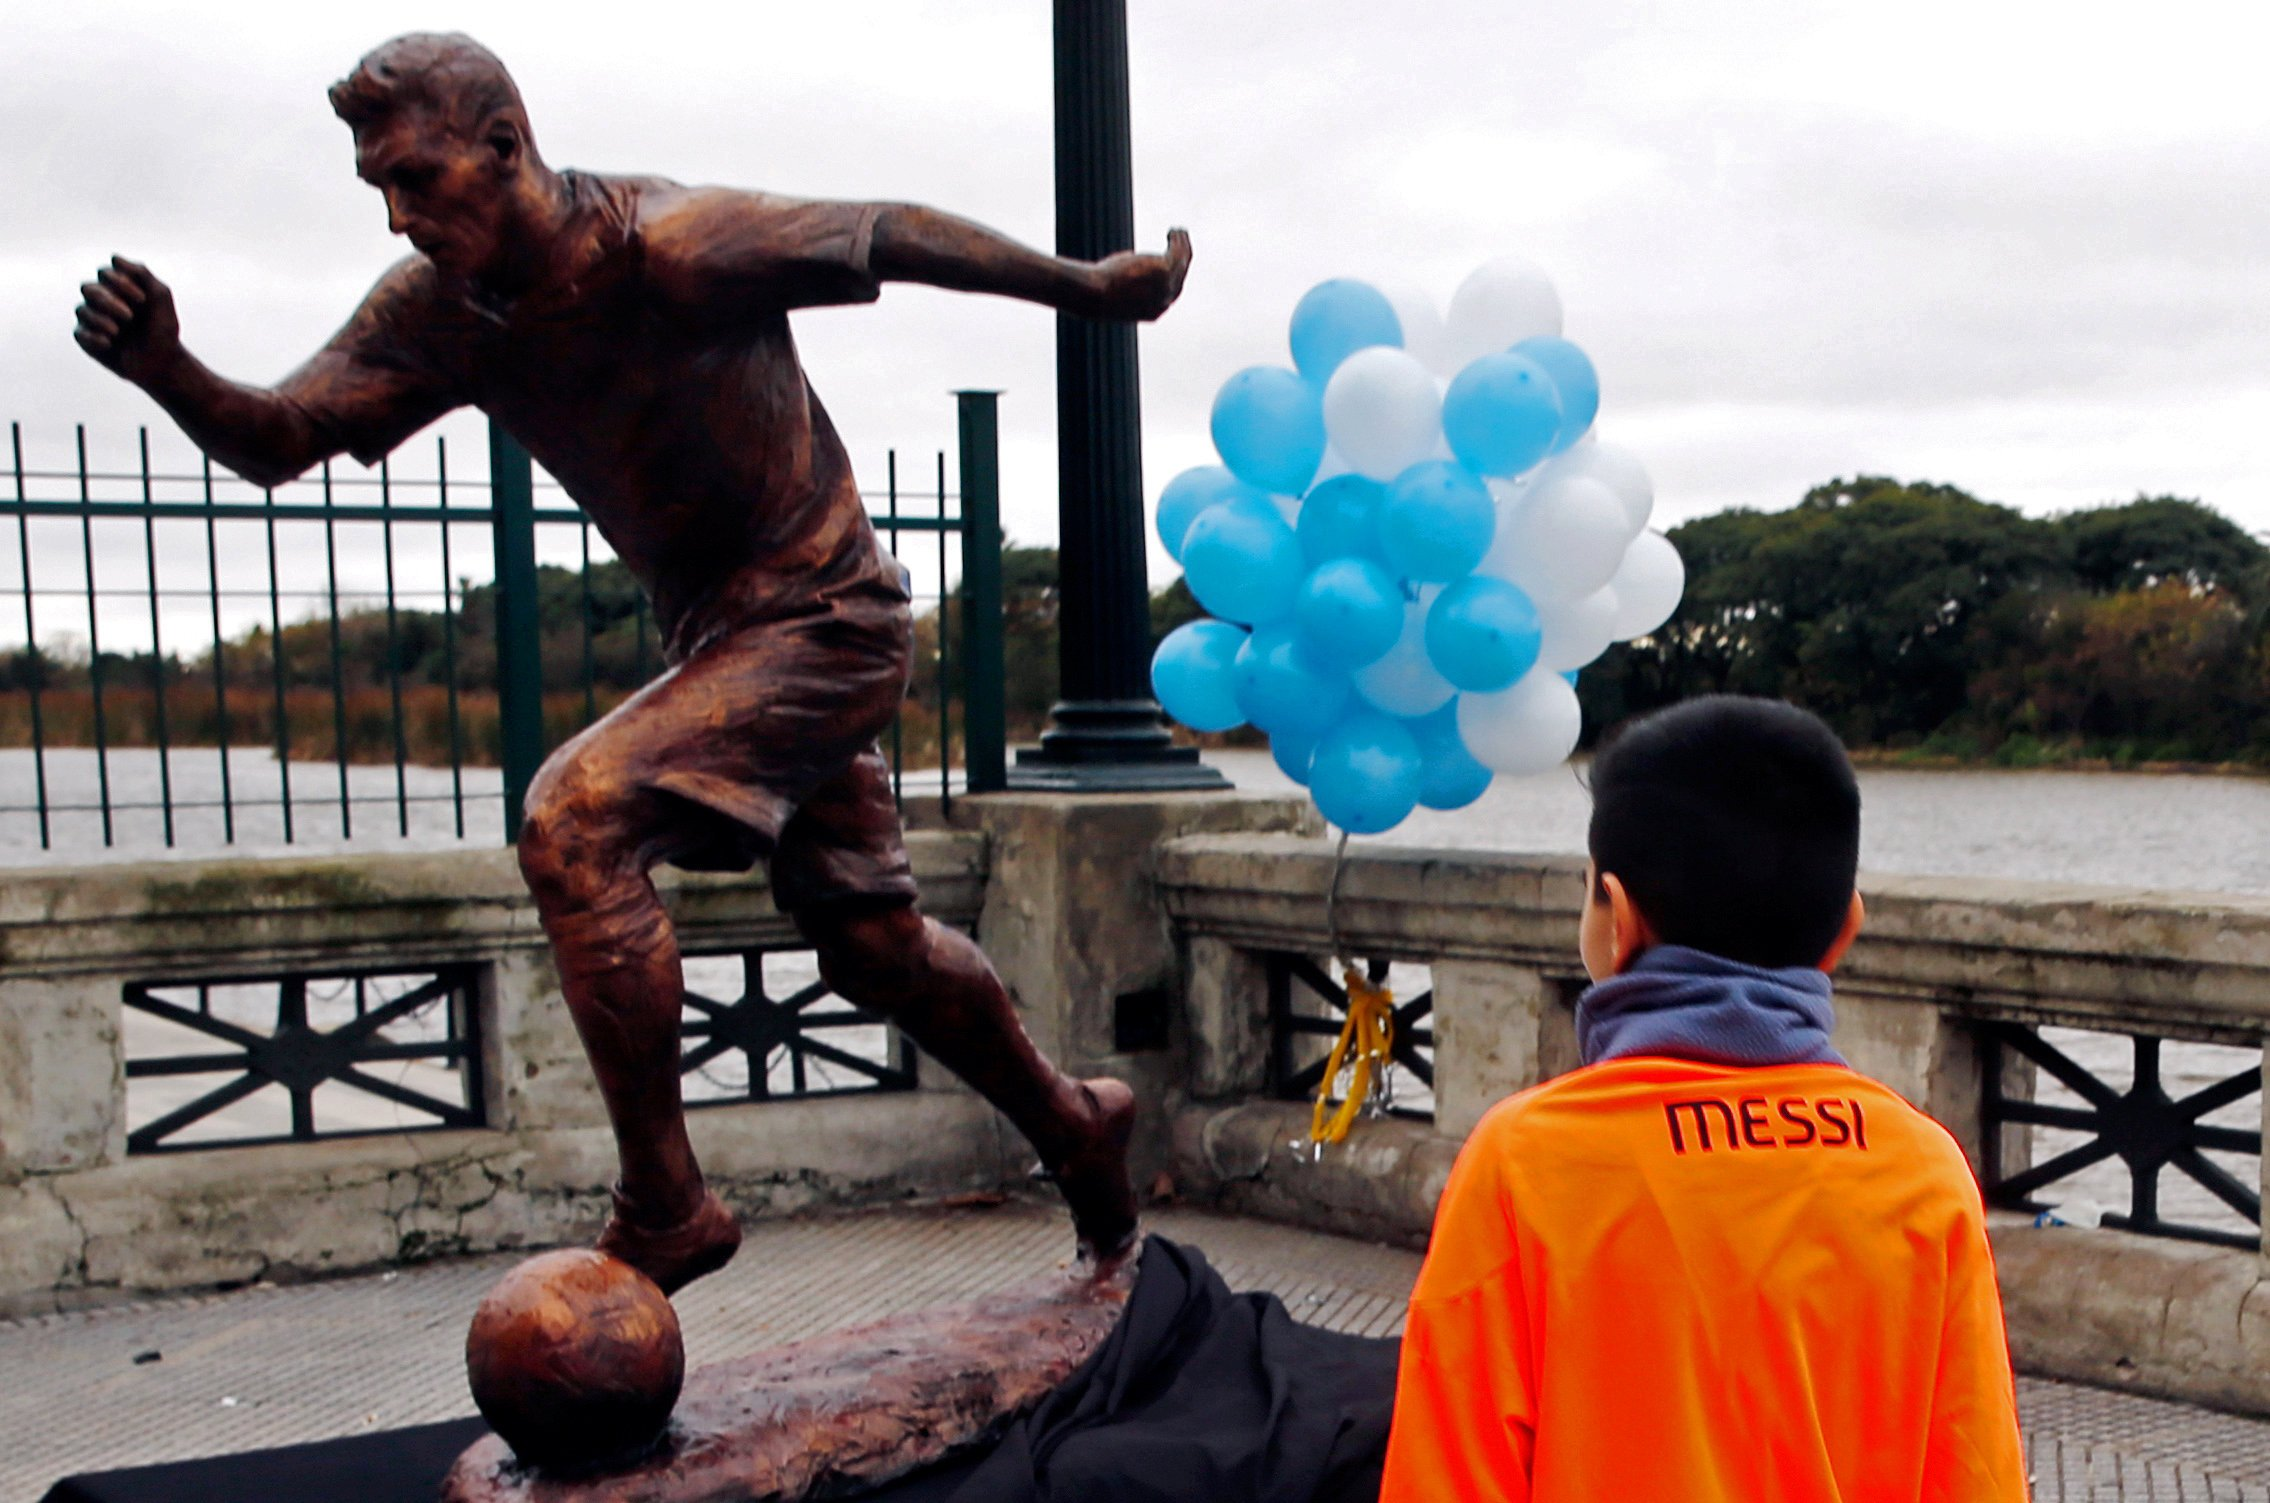 В Буэнос-Айресе установили статую Лионеля Месси